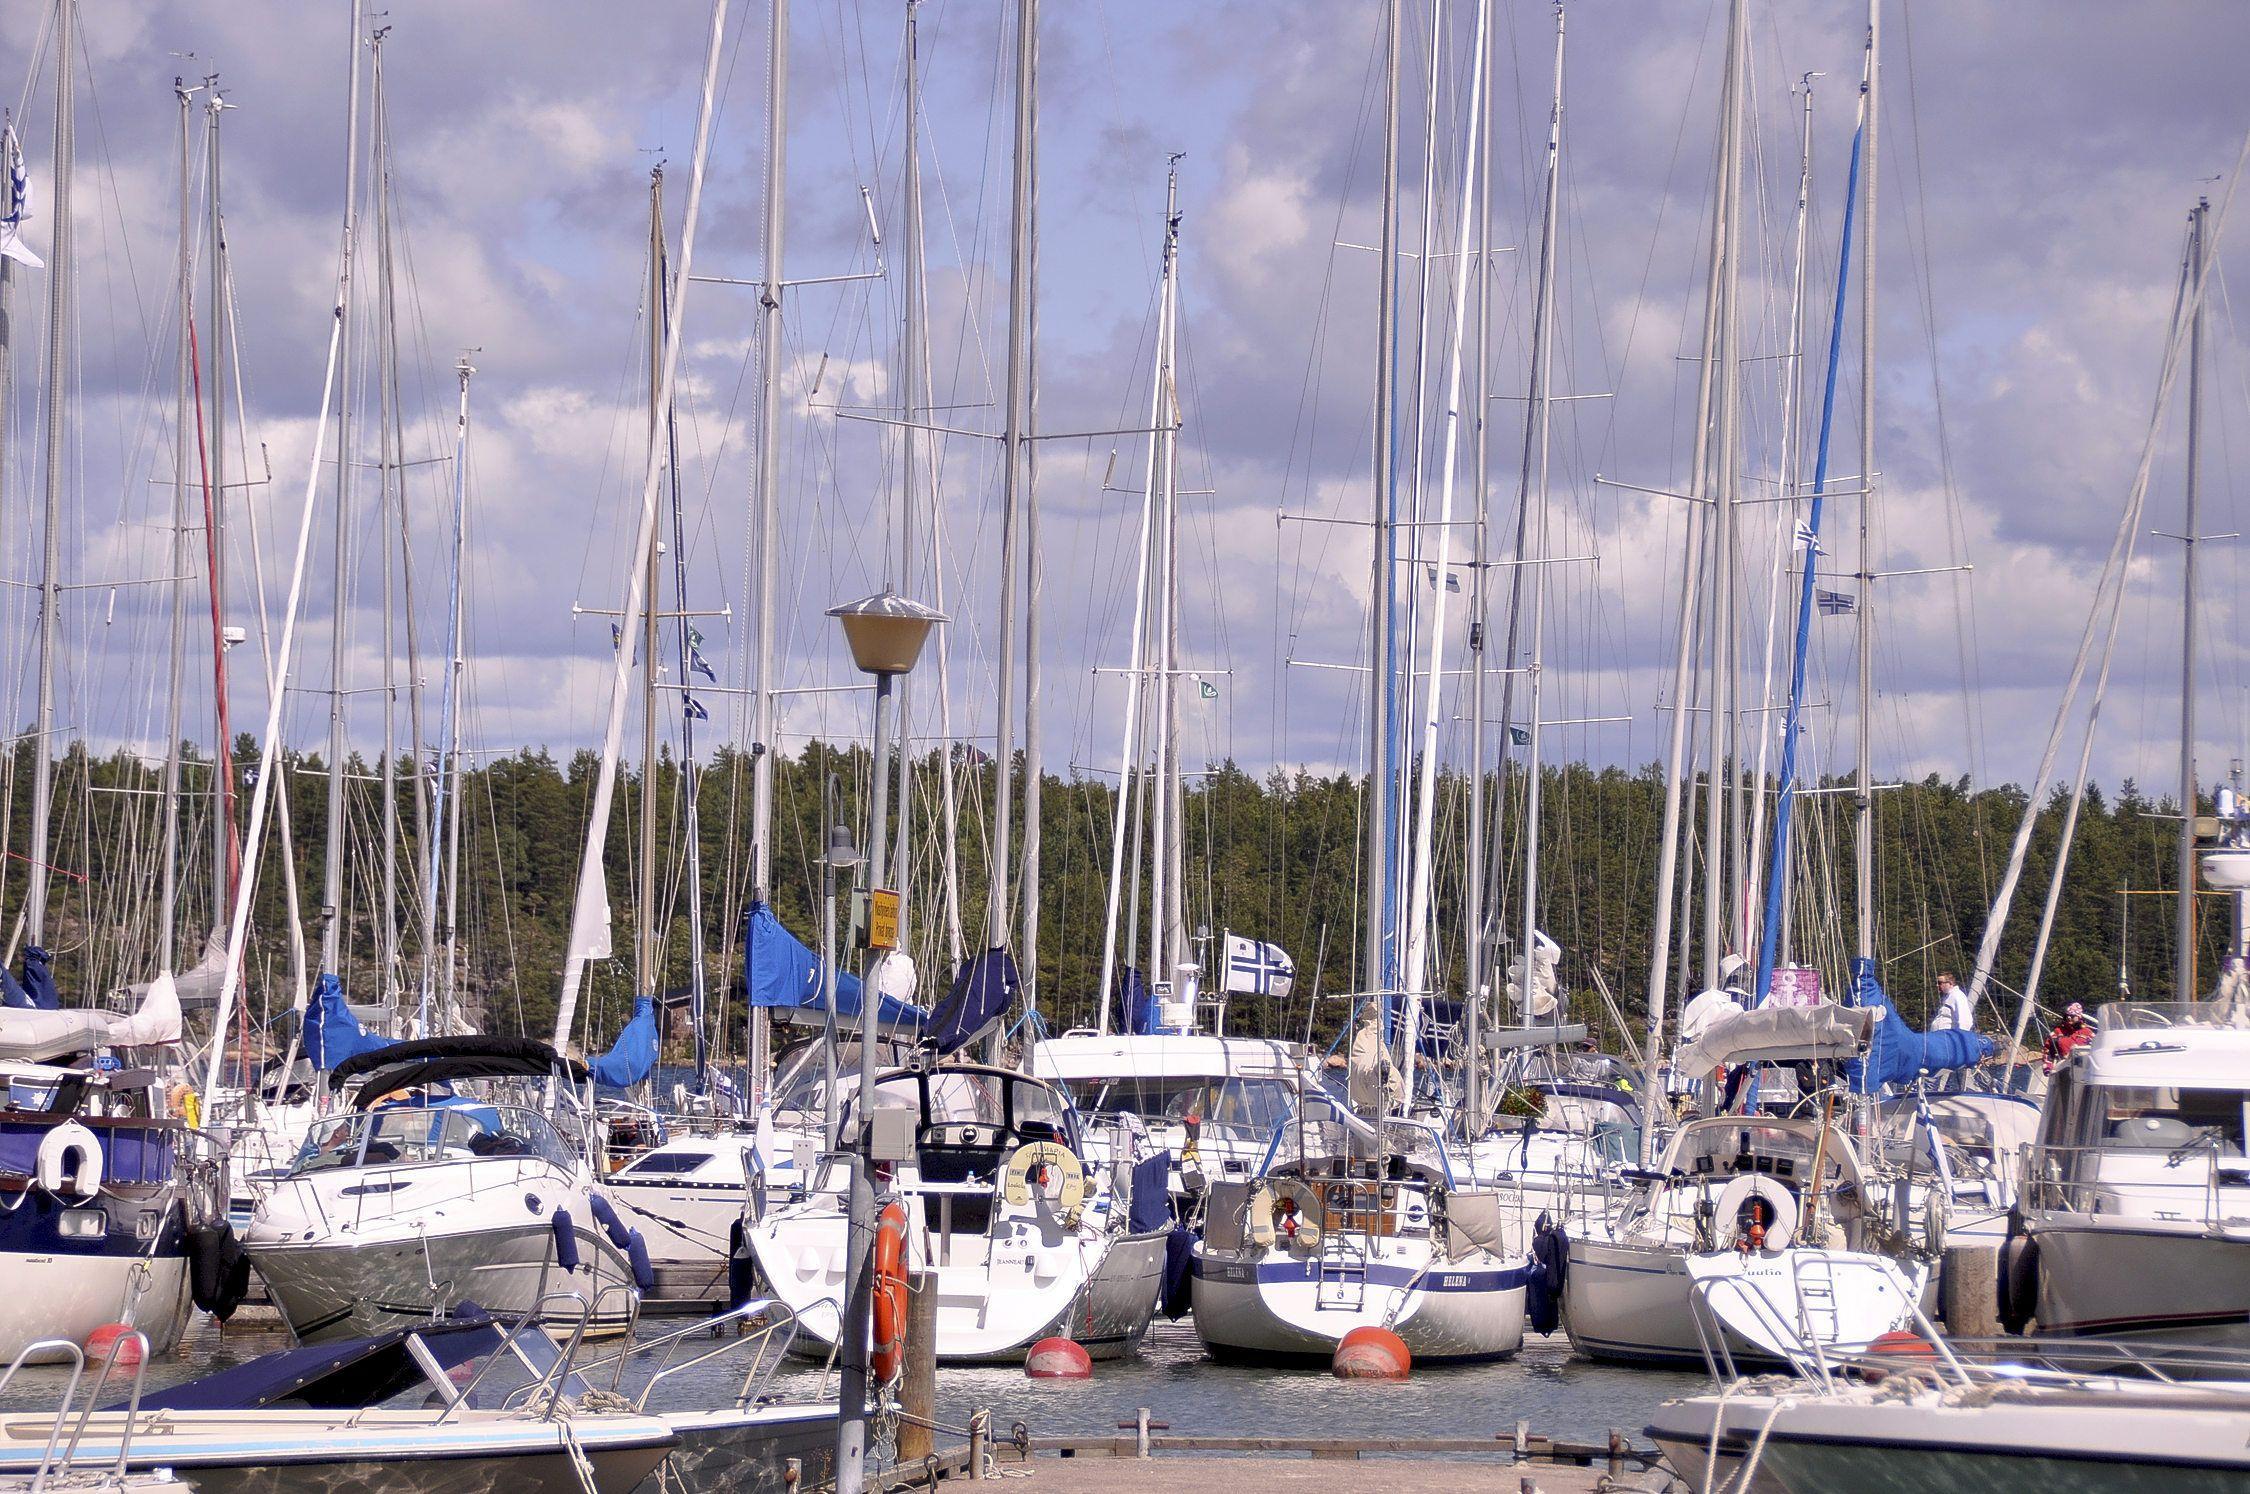 hamn fylld av segelbåtar